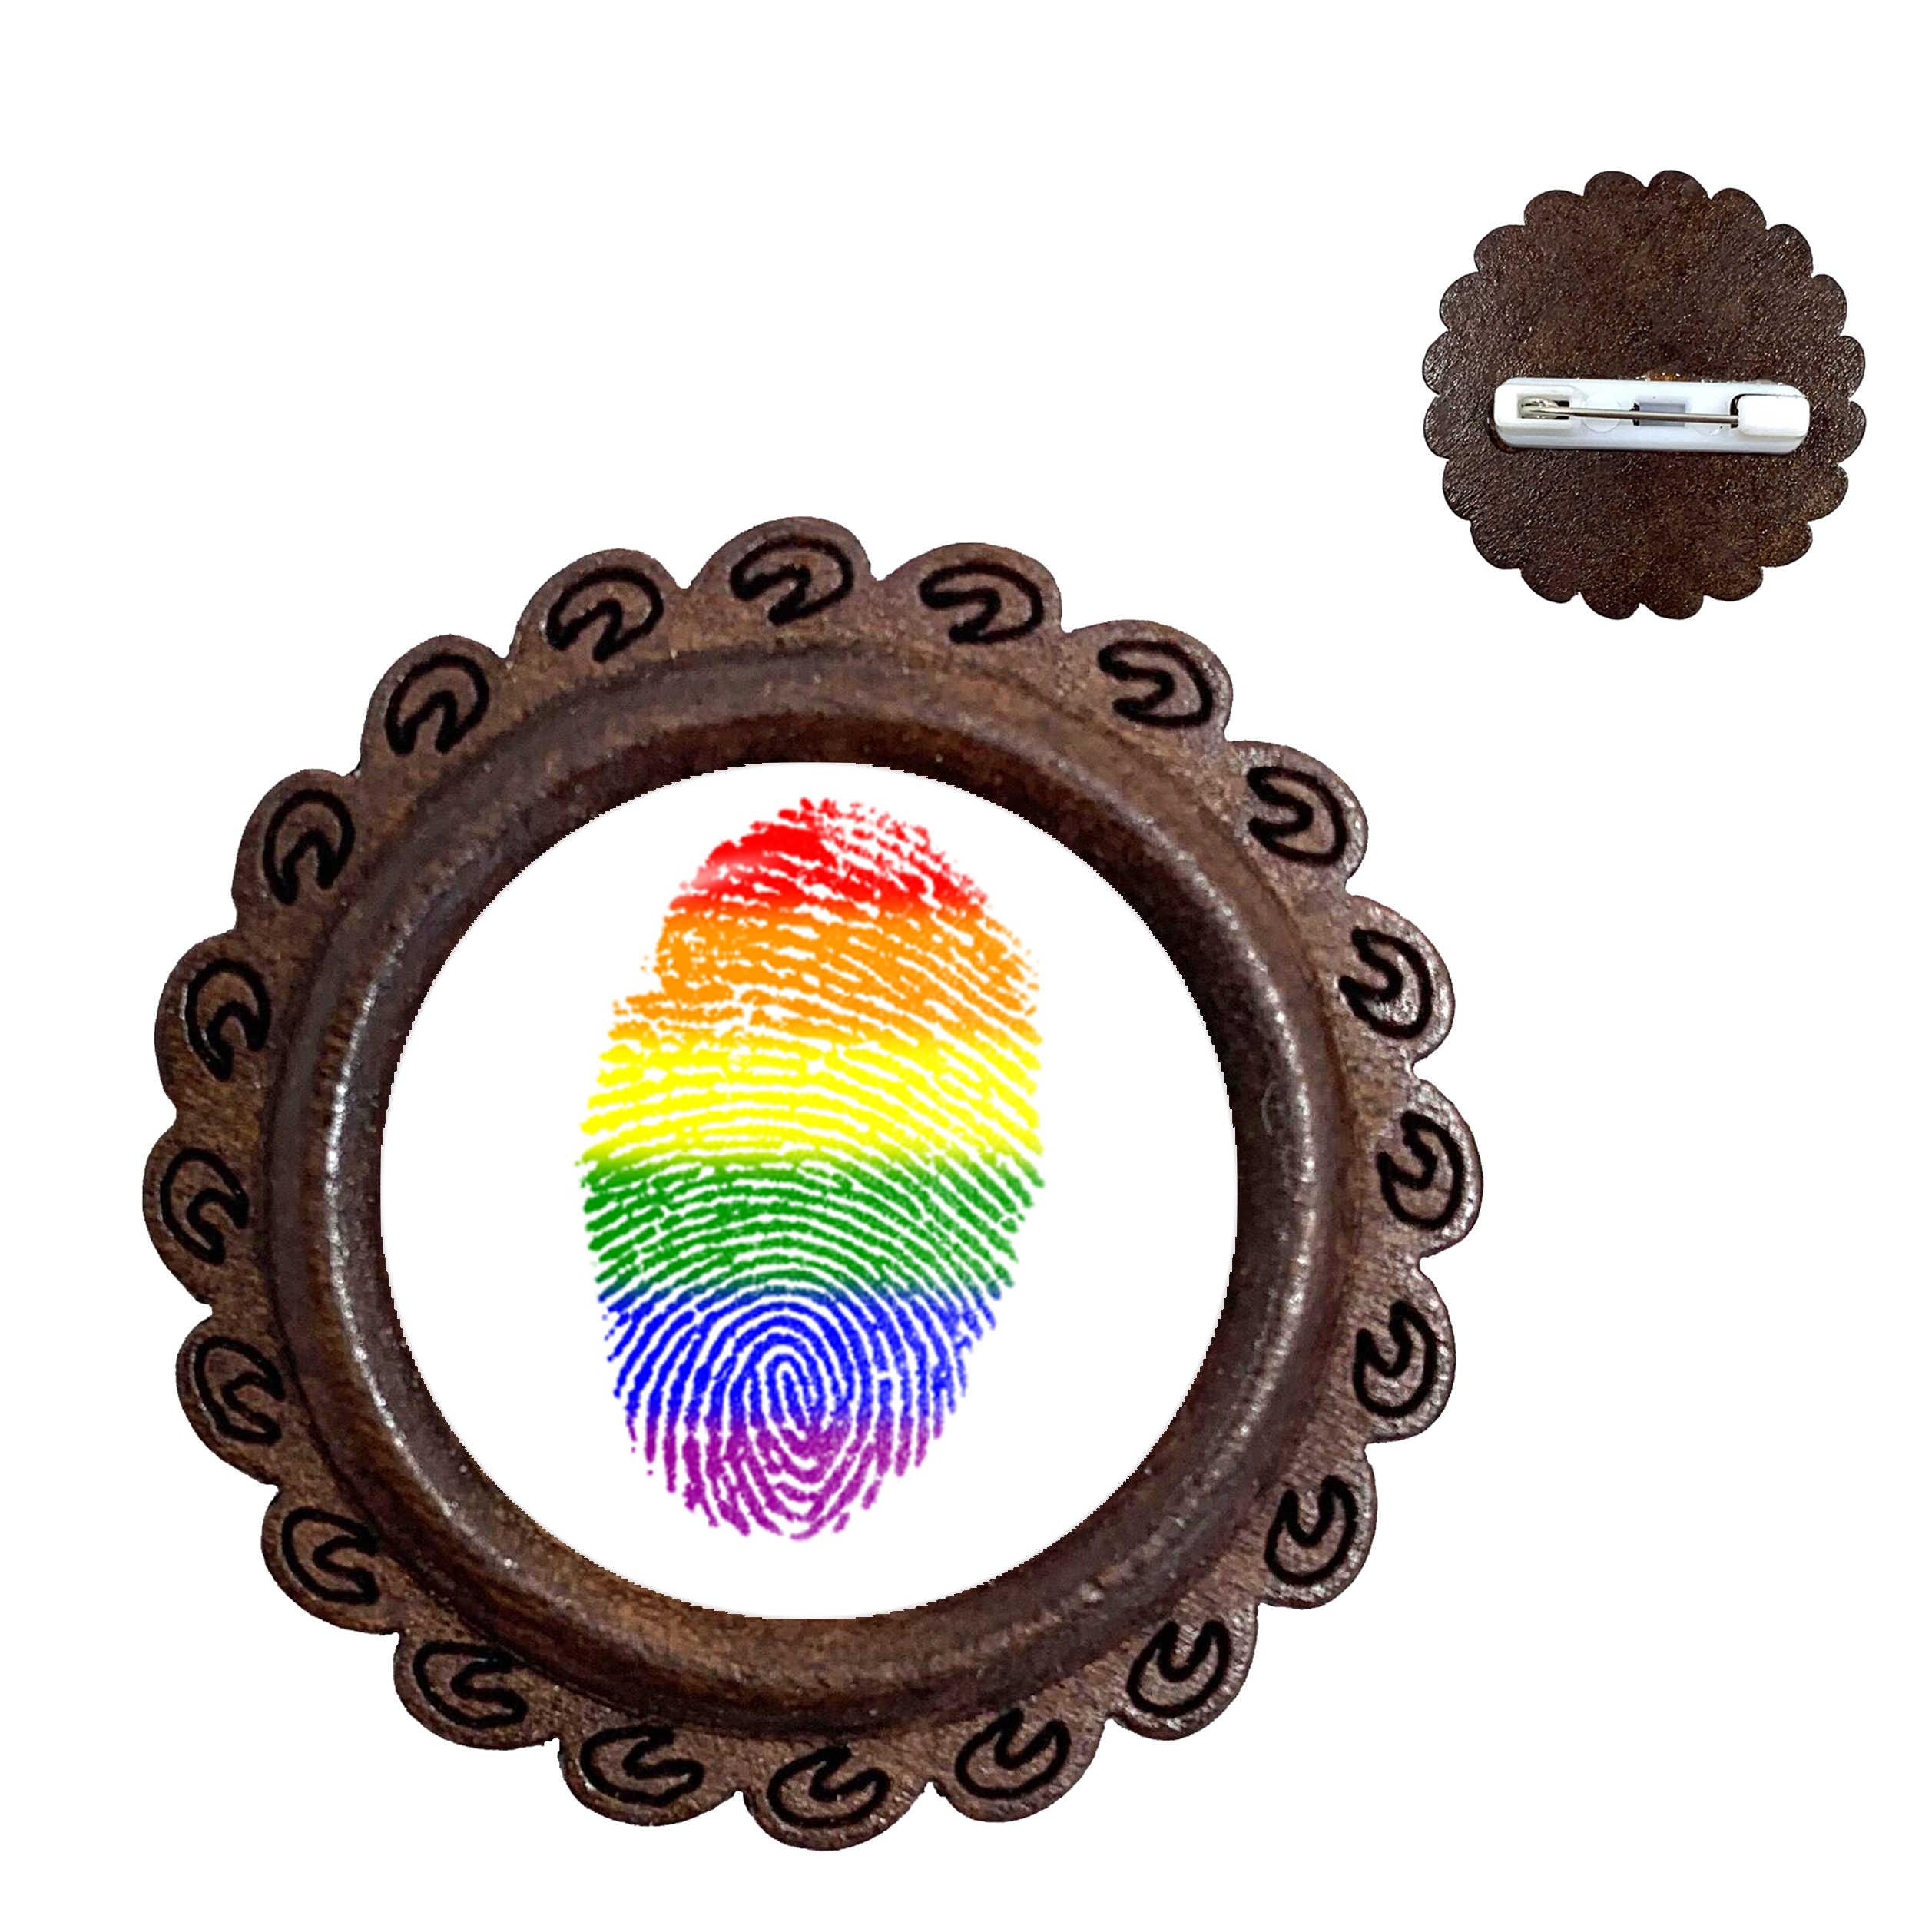 Ondersteuning LGBT Broche Dezelfde Sex Gay Lesbische Trots Met Regenboog Liefde Wint Glas Cabochon Kraag Pinnen Dezelfde Sex Huwelijk Liefde gift